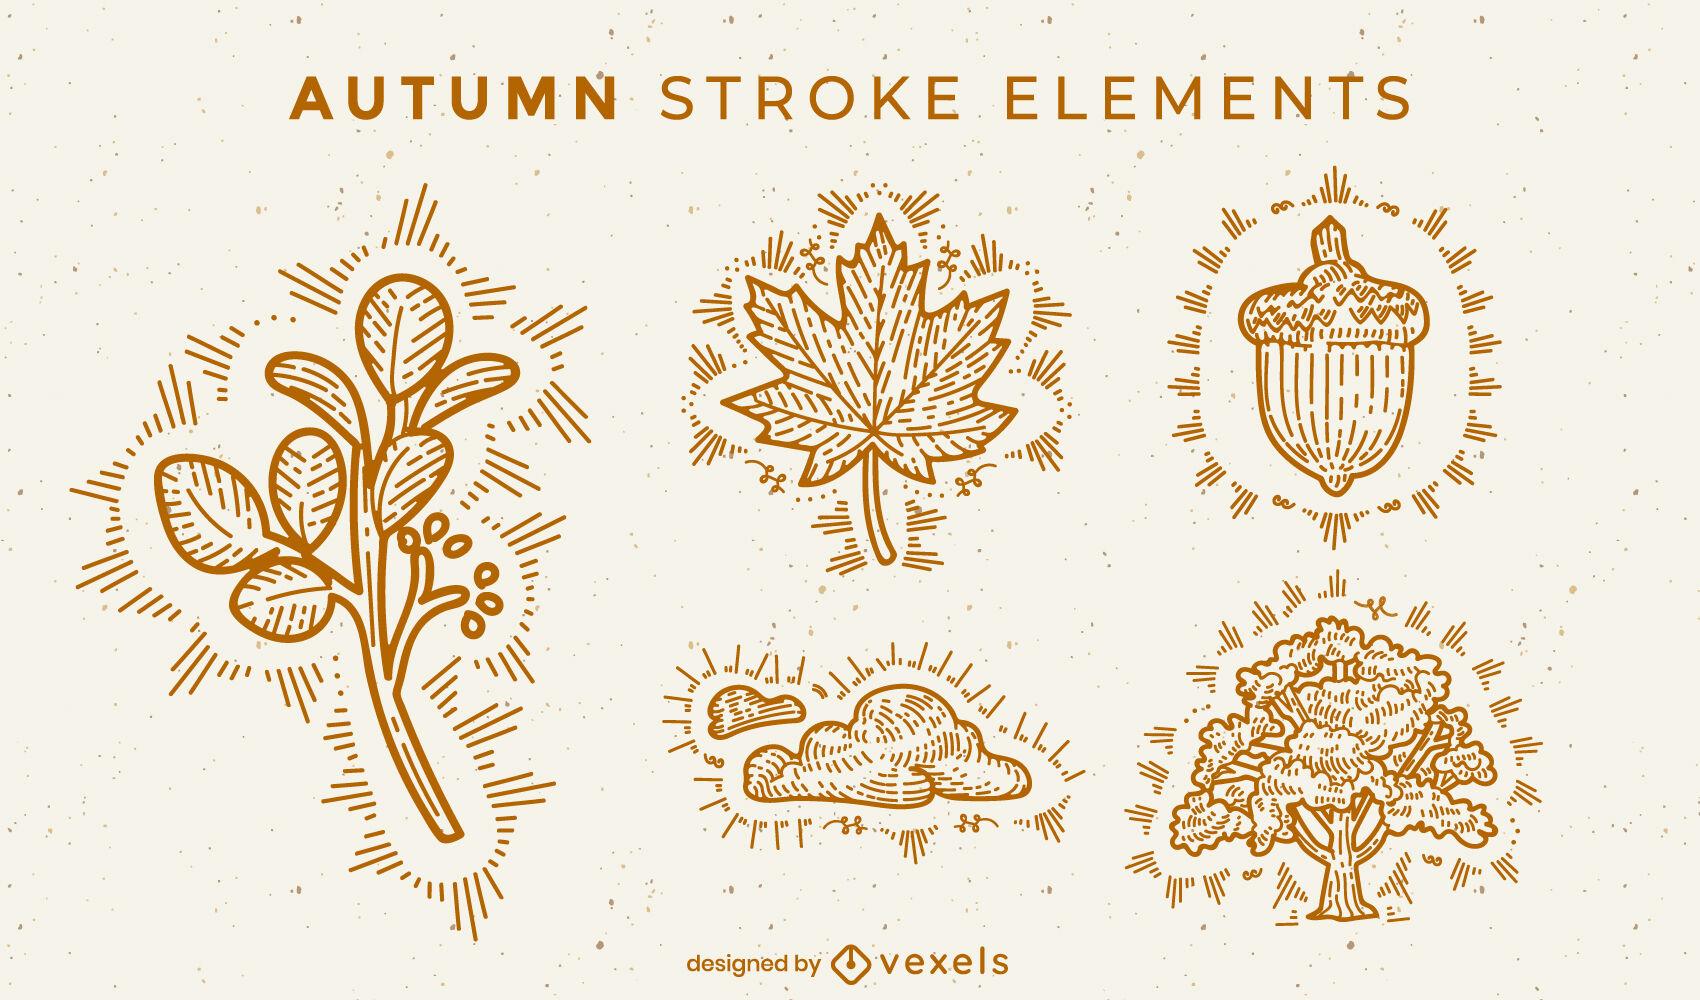 Autumn elements stroke set